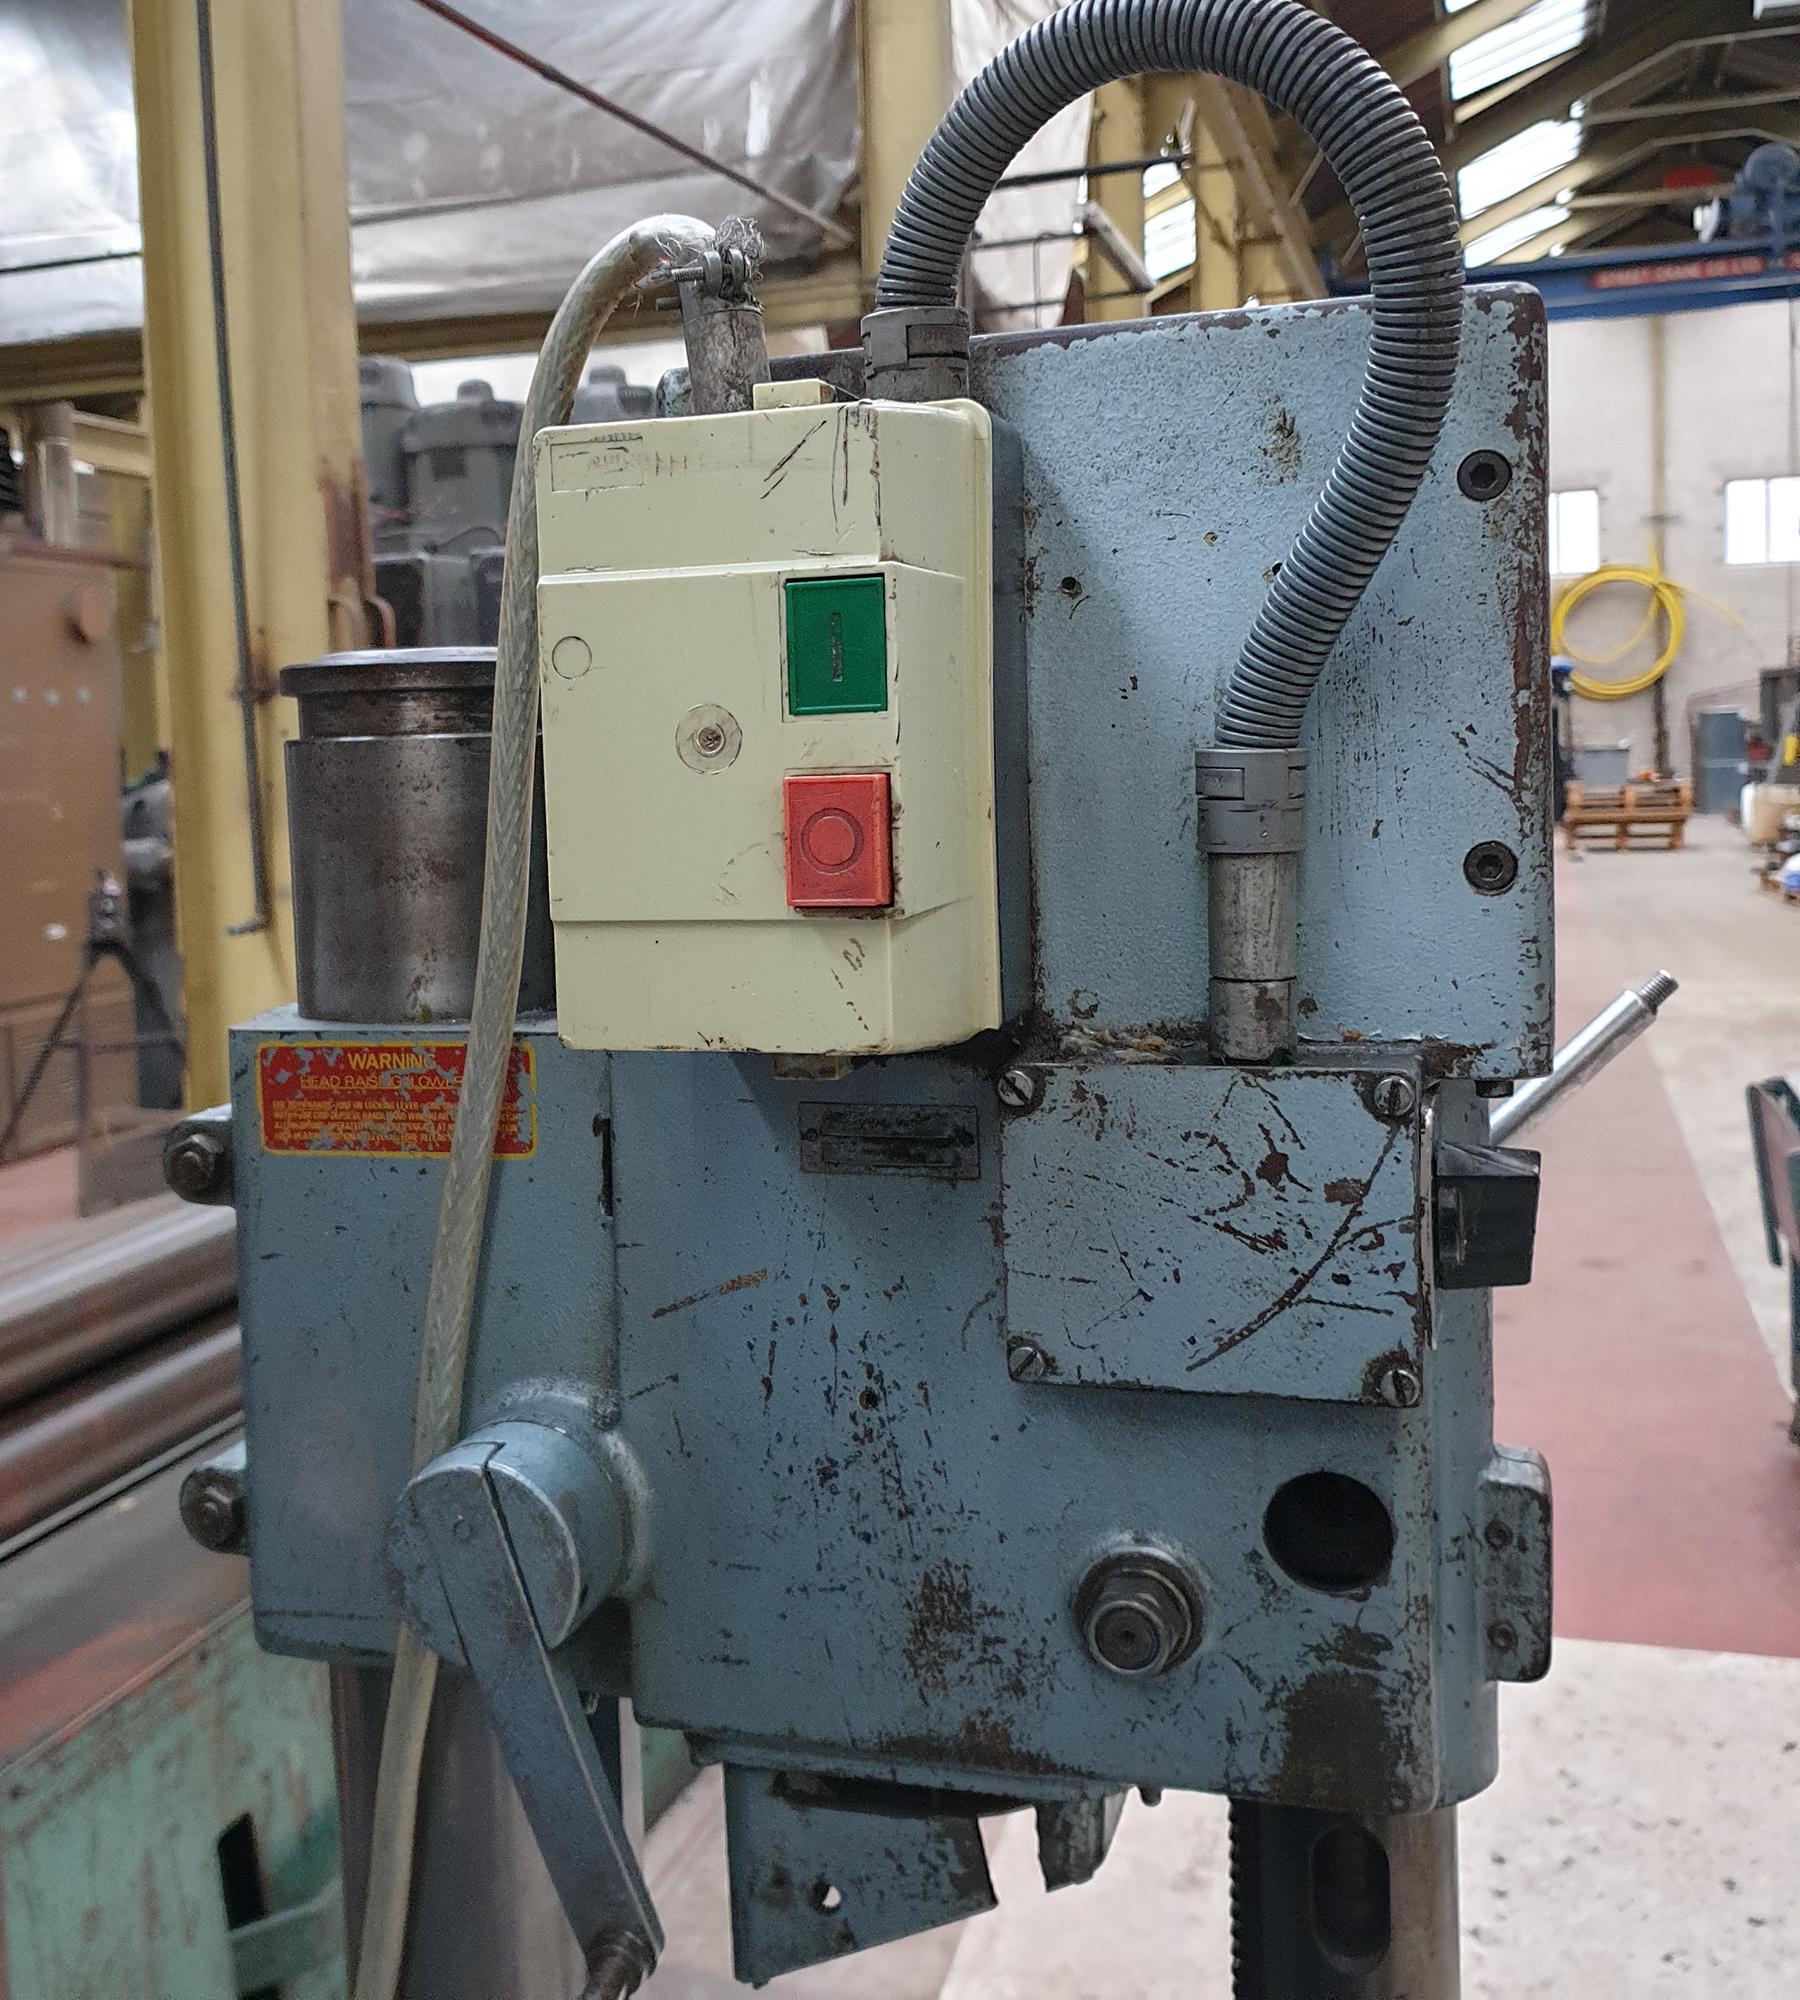 Meddings S68 Gear Head Drill. - Image 3 of 6